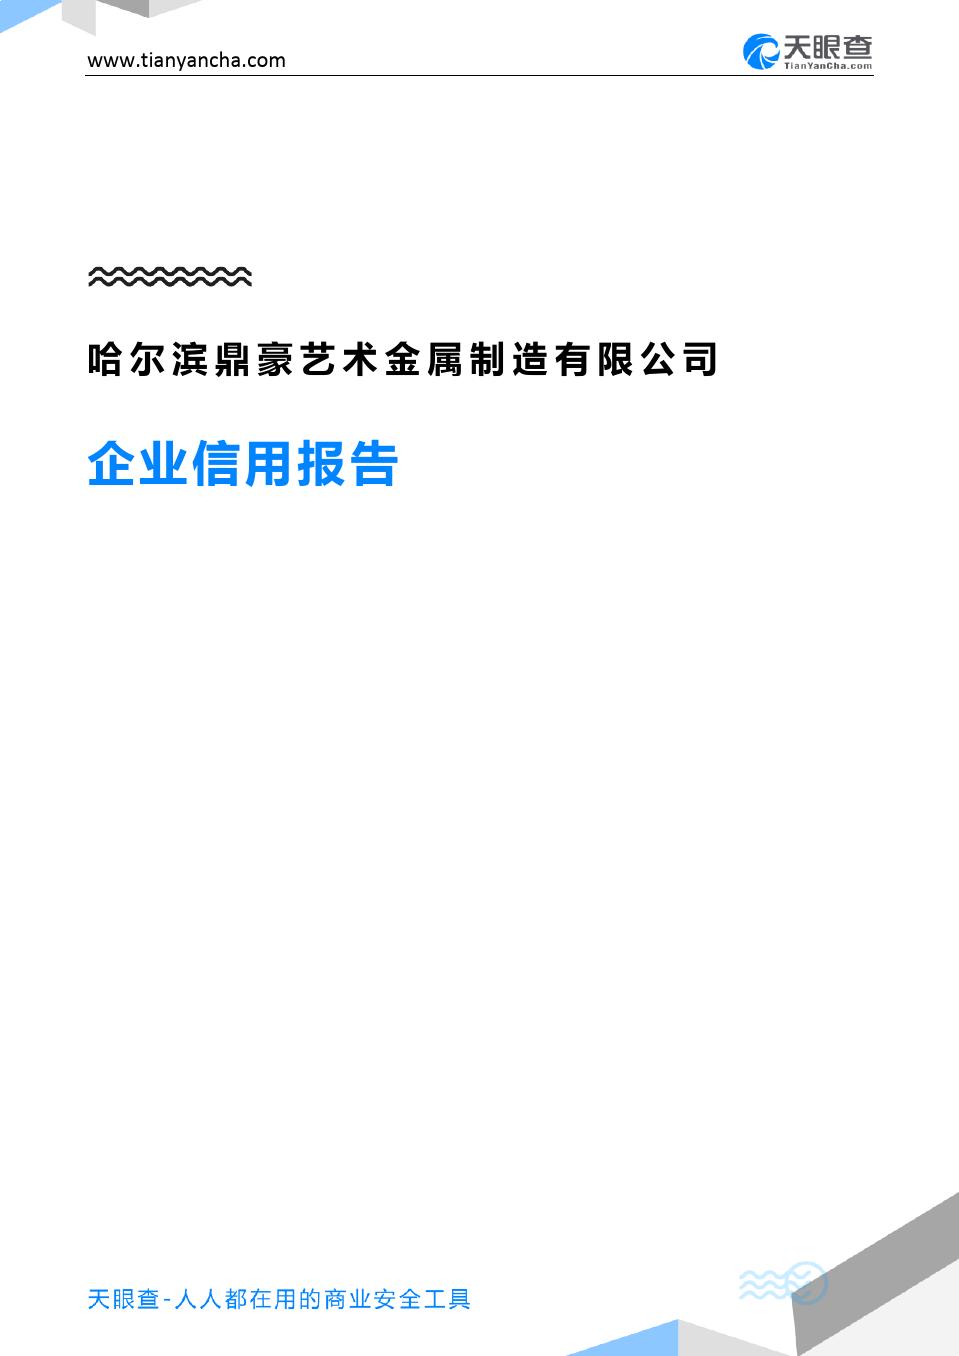 哈尔滨鼎豪艺术金属制造有限公司(企业信用报告)- 天眼查